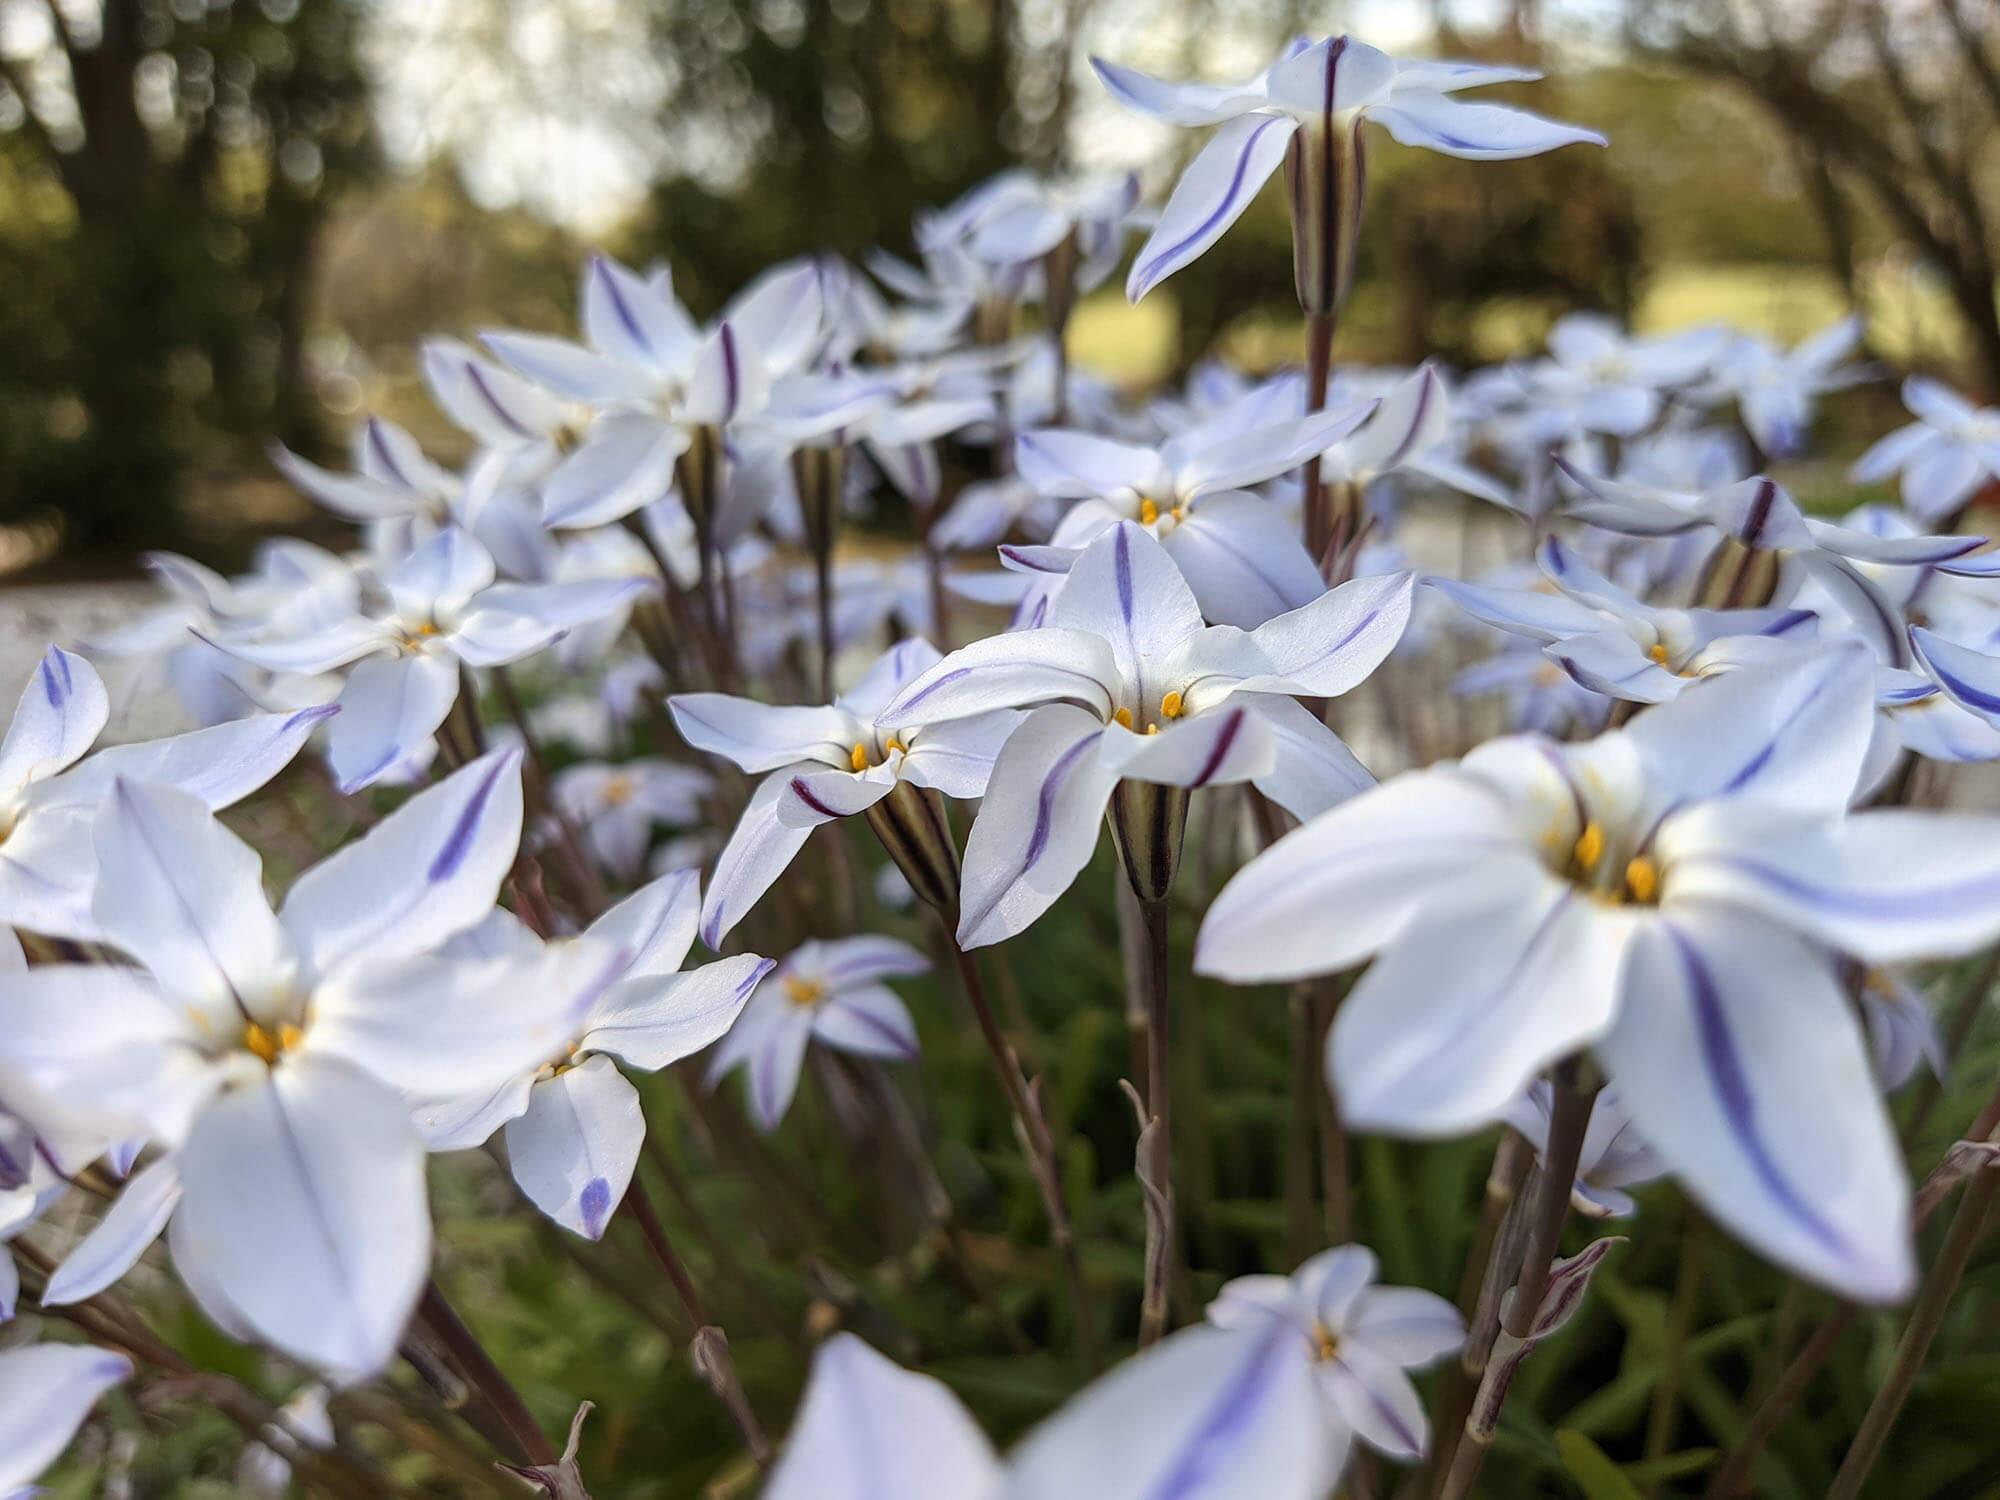 Redmi 9Tで撮影したうすむらさきの花